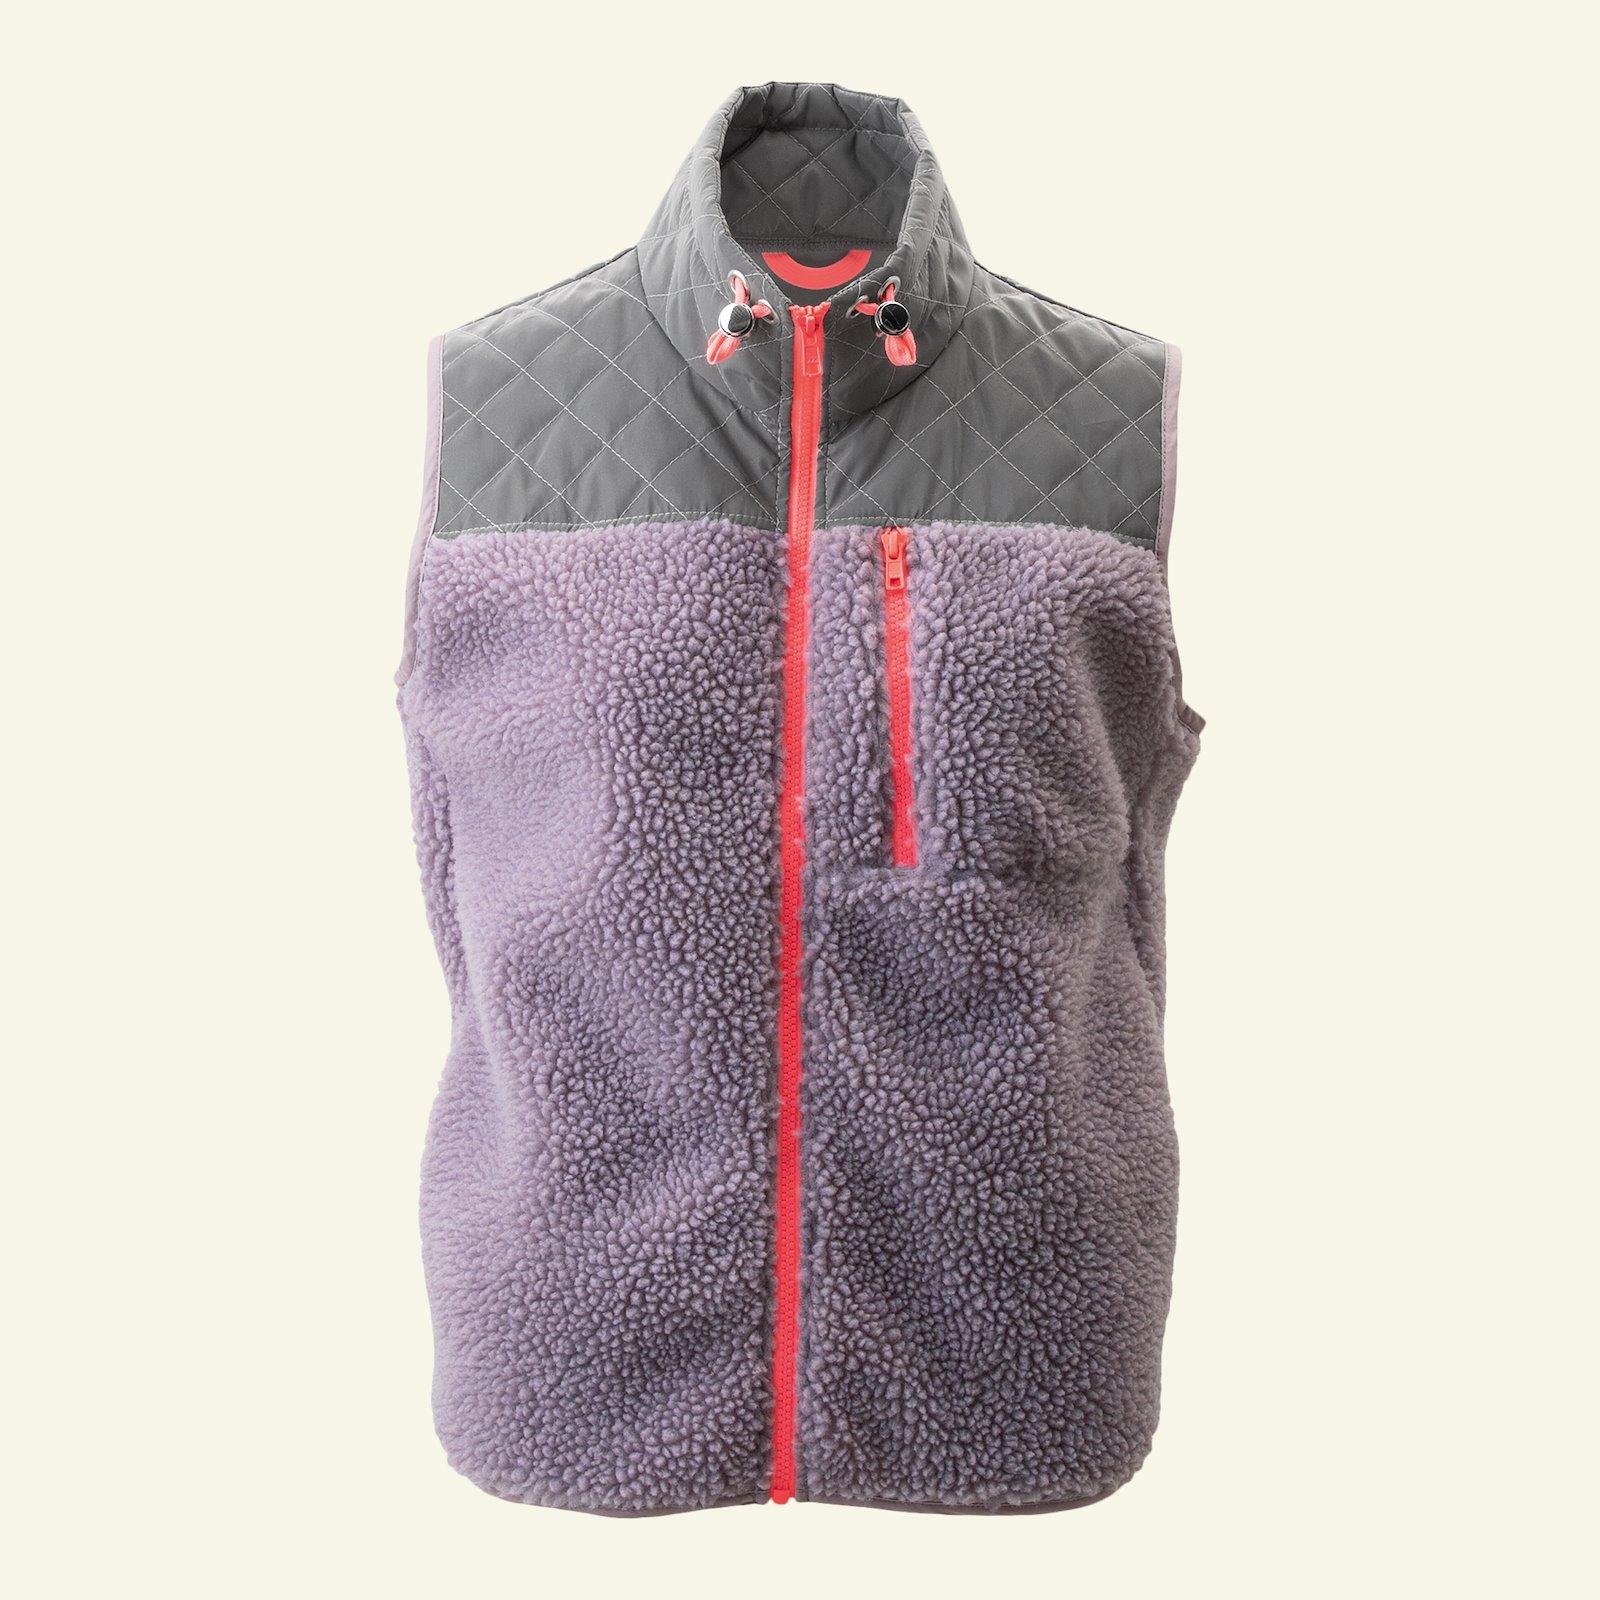 Jacket and waistcoat, 40/12 p24049_600533_910285_8040_20722_43689_43706_sskit